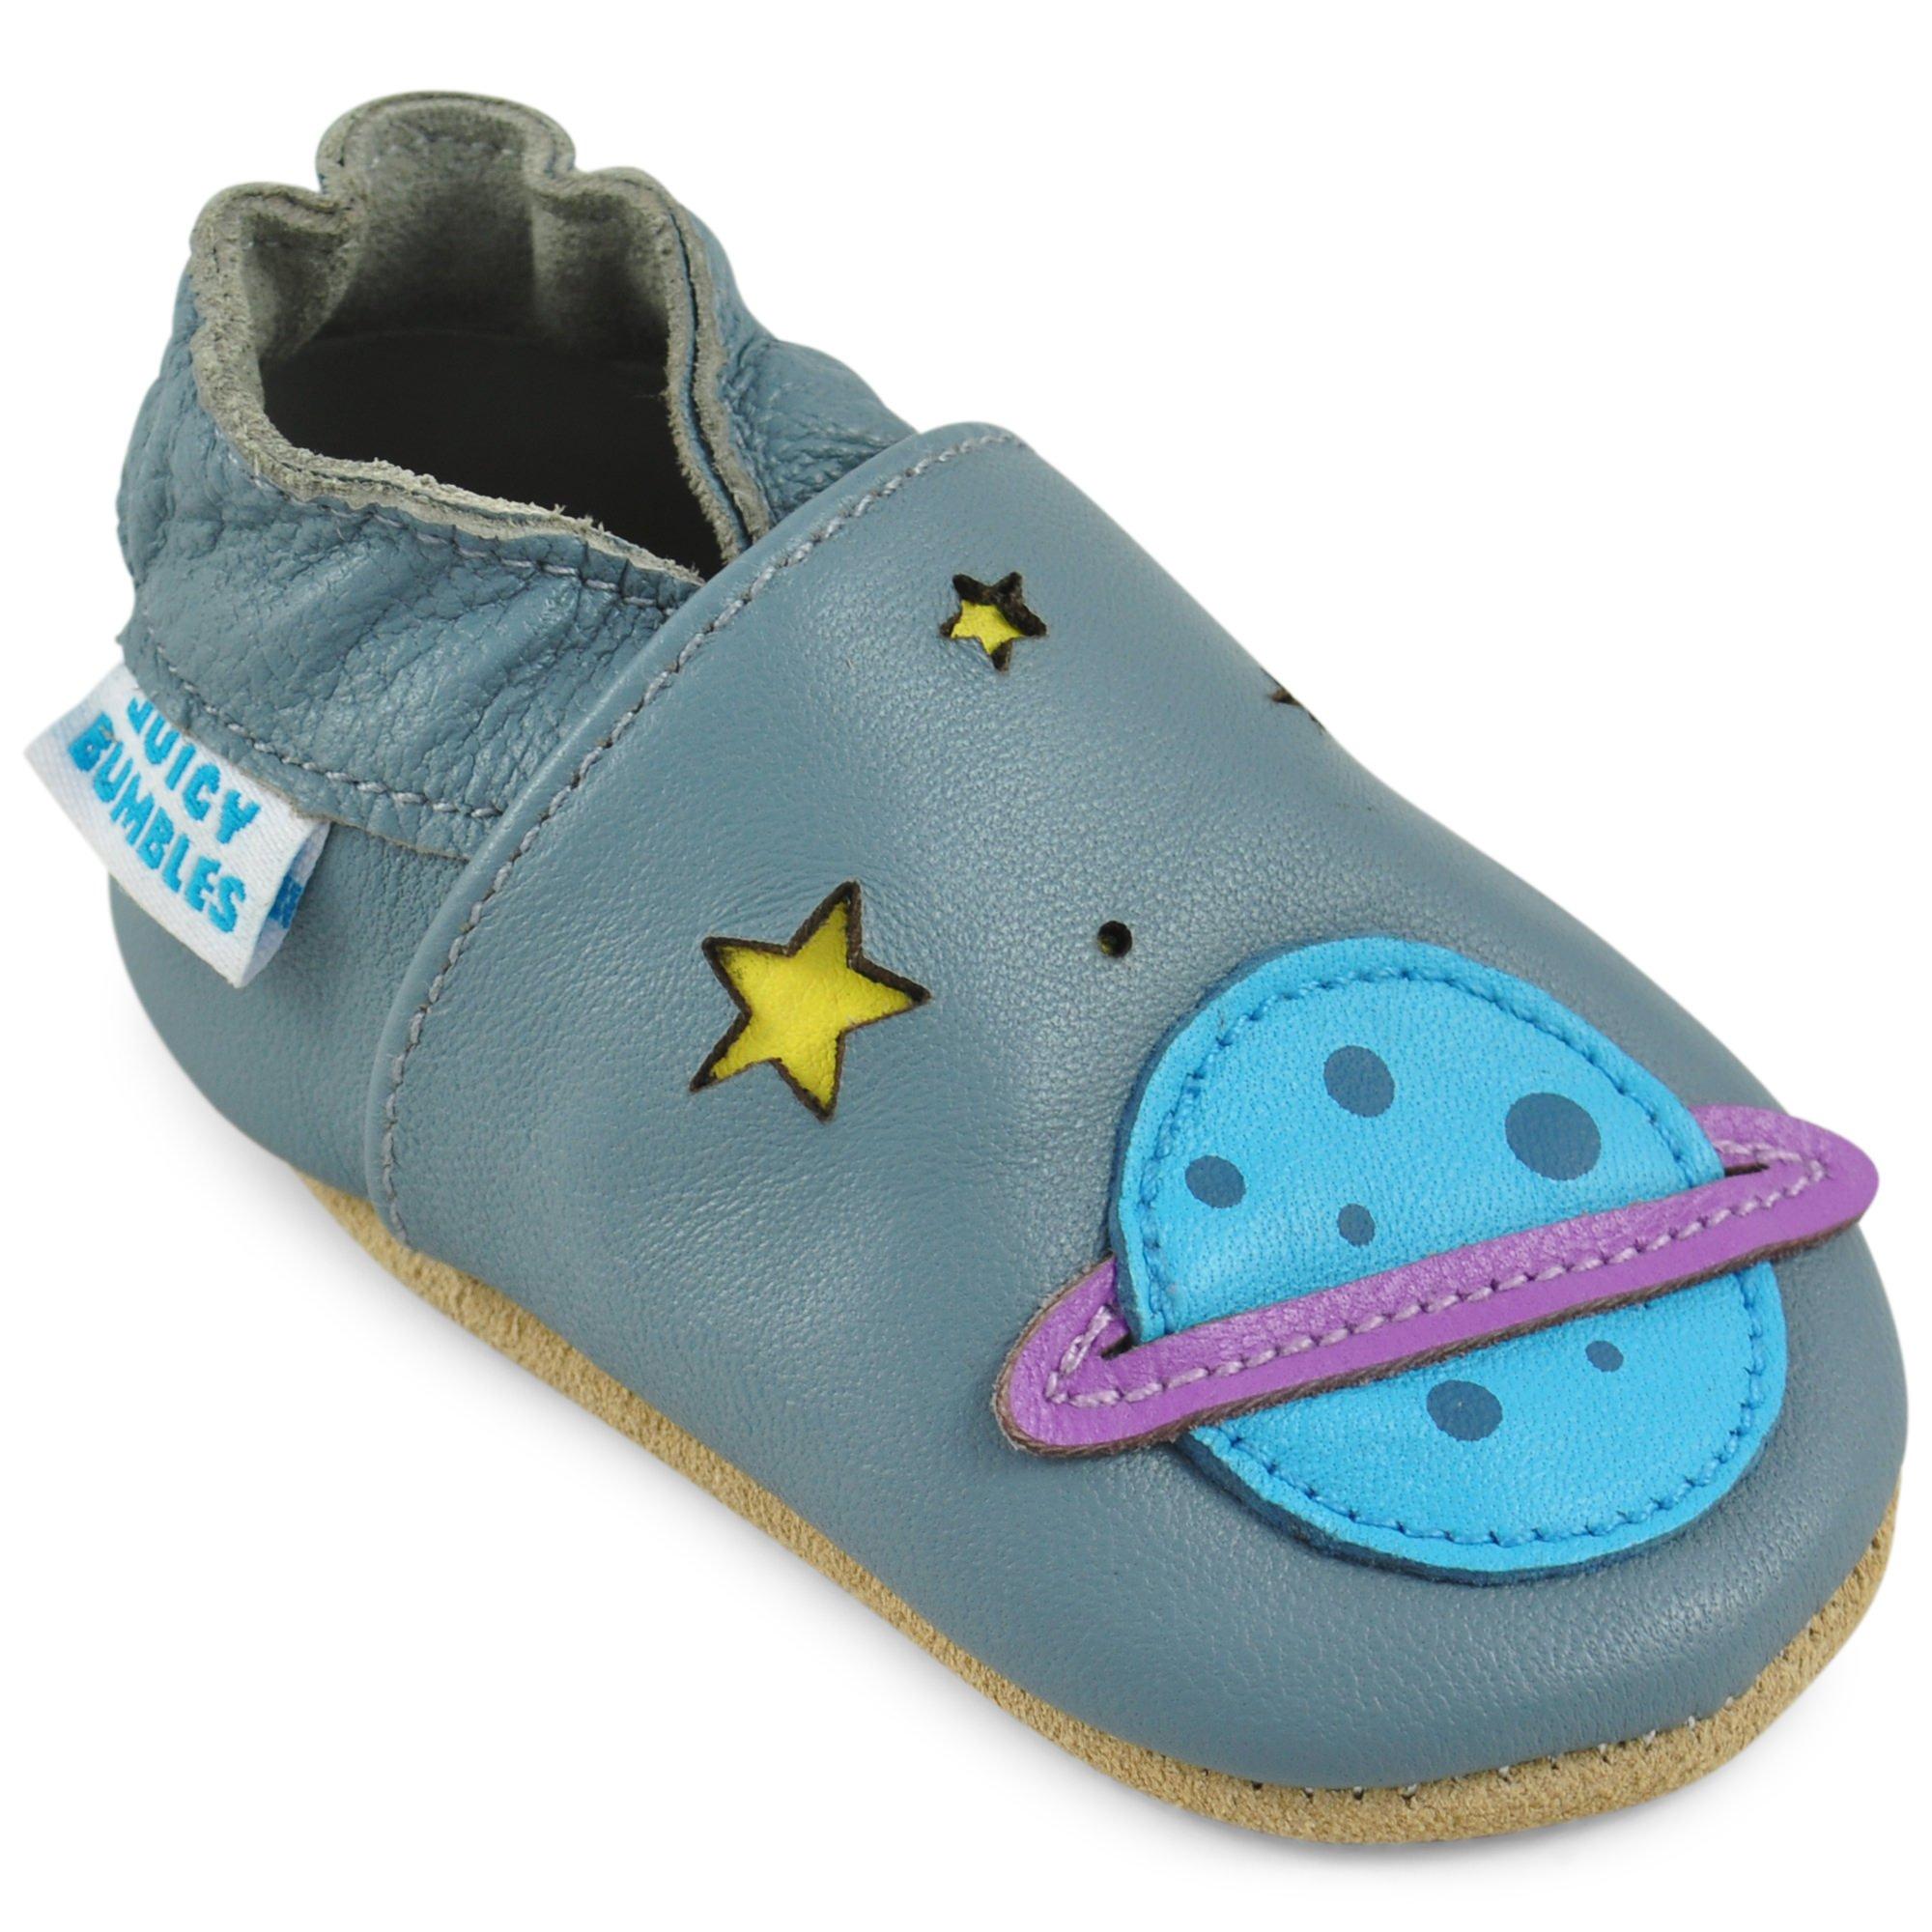 ecf0315e995 Zapatos Bebe Niña Niño – Zapatillas de Cuero – Patucos de Piel con Elástico  para Bebé